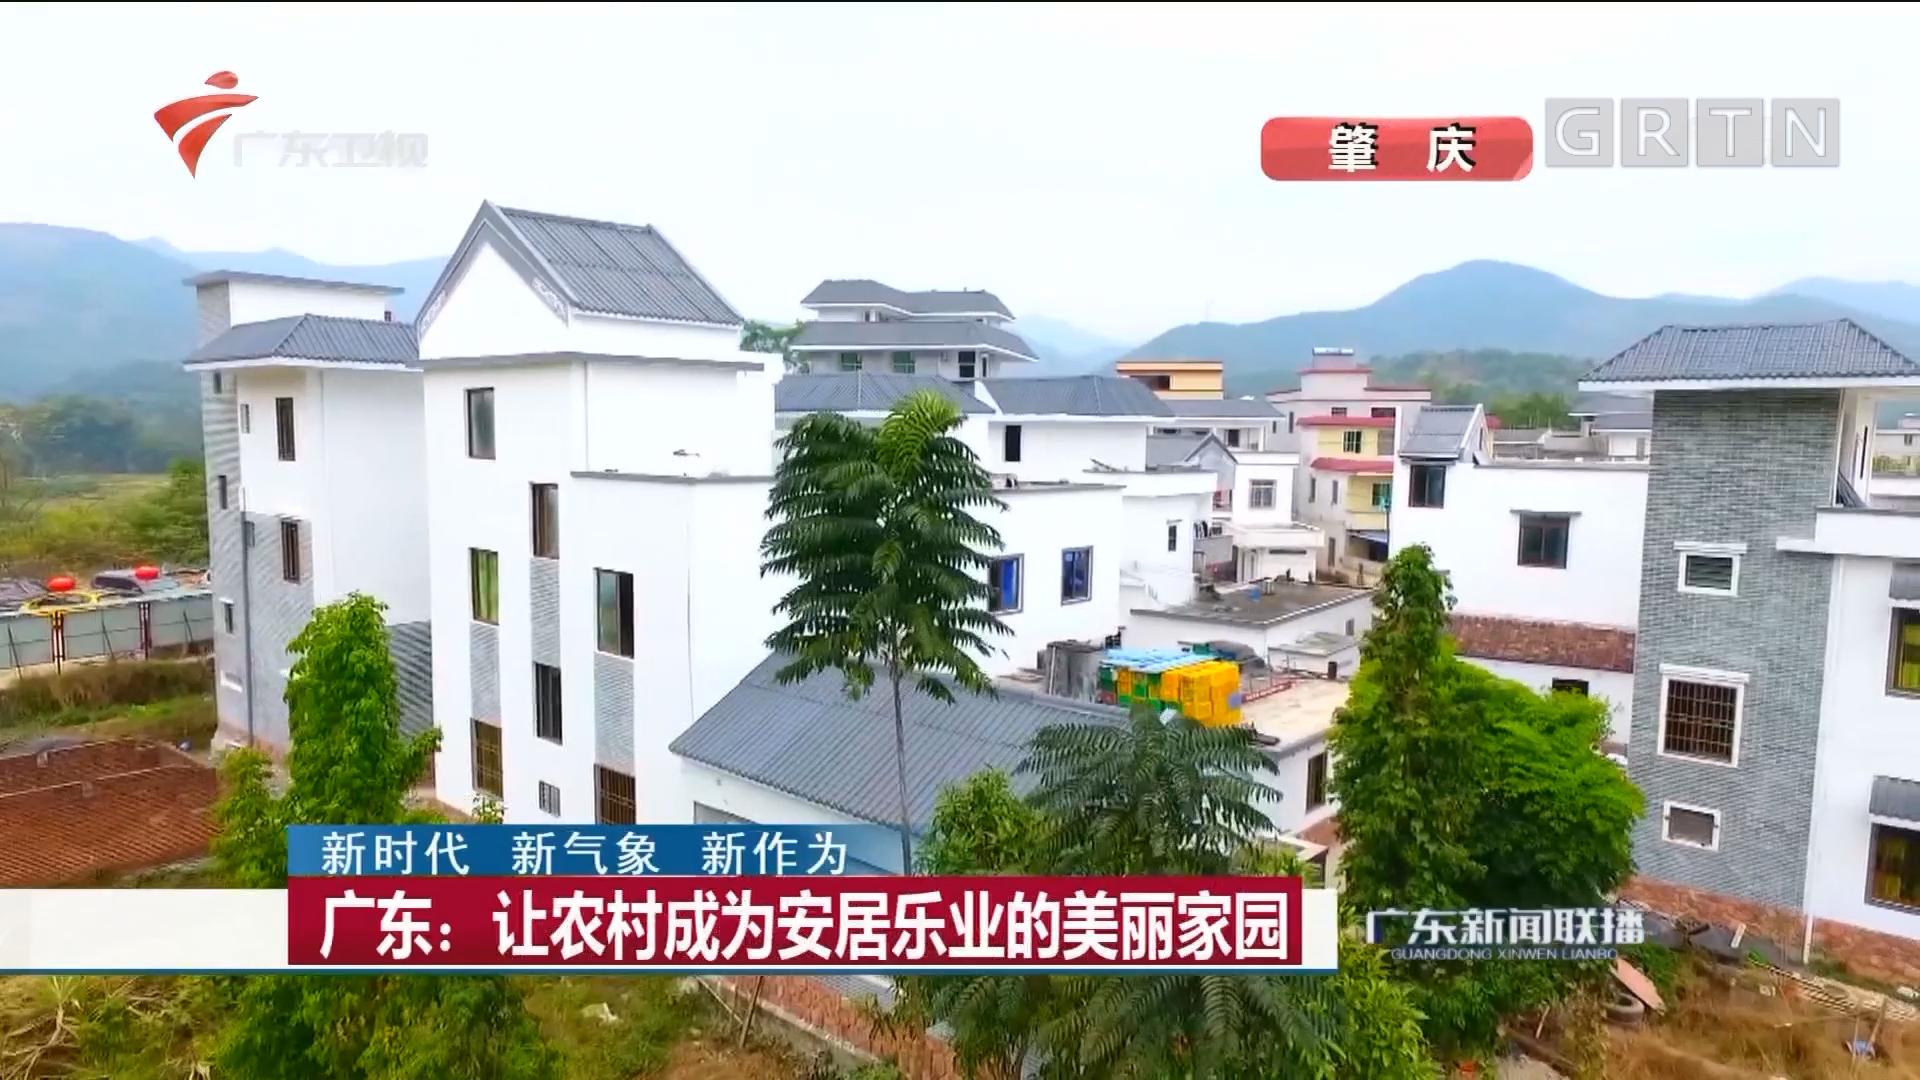 广东:让农村成为安居乐业的美丽家园